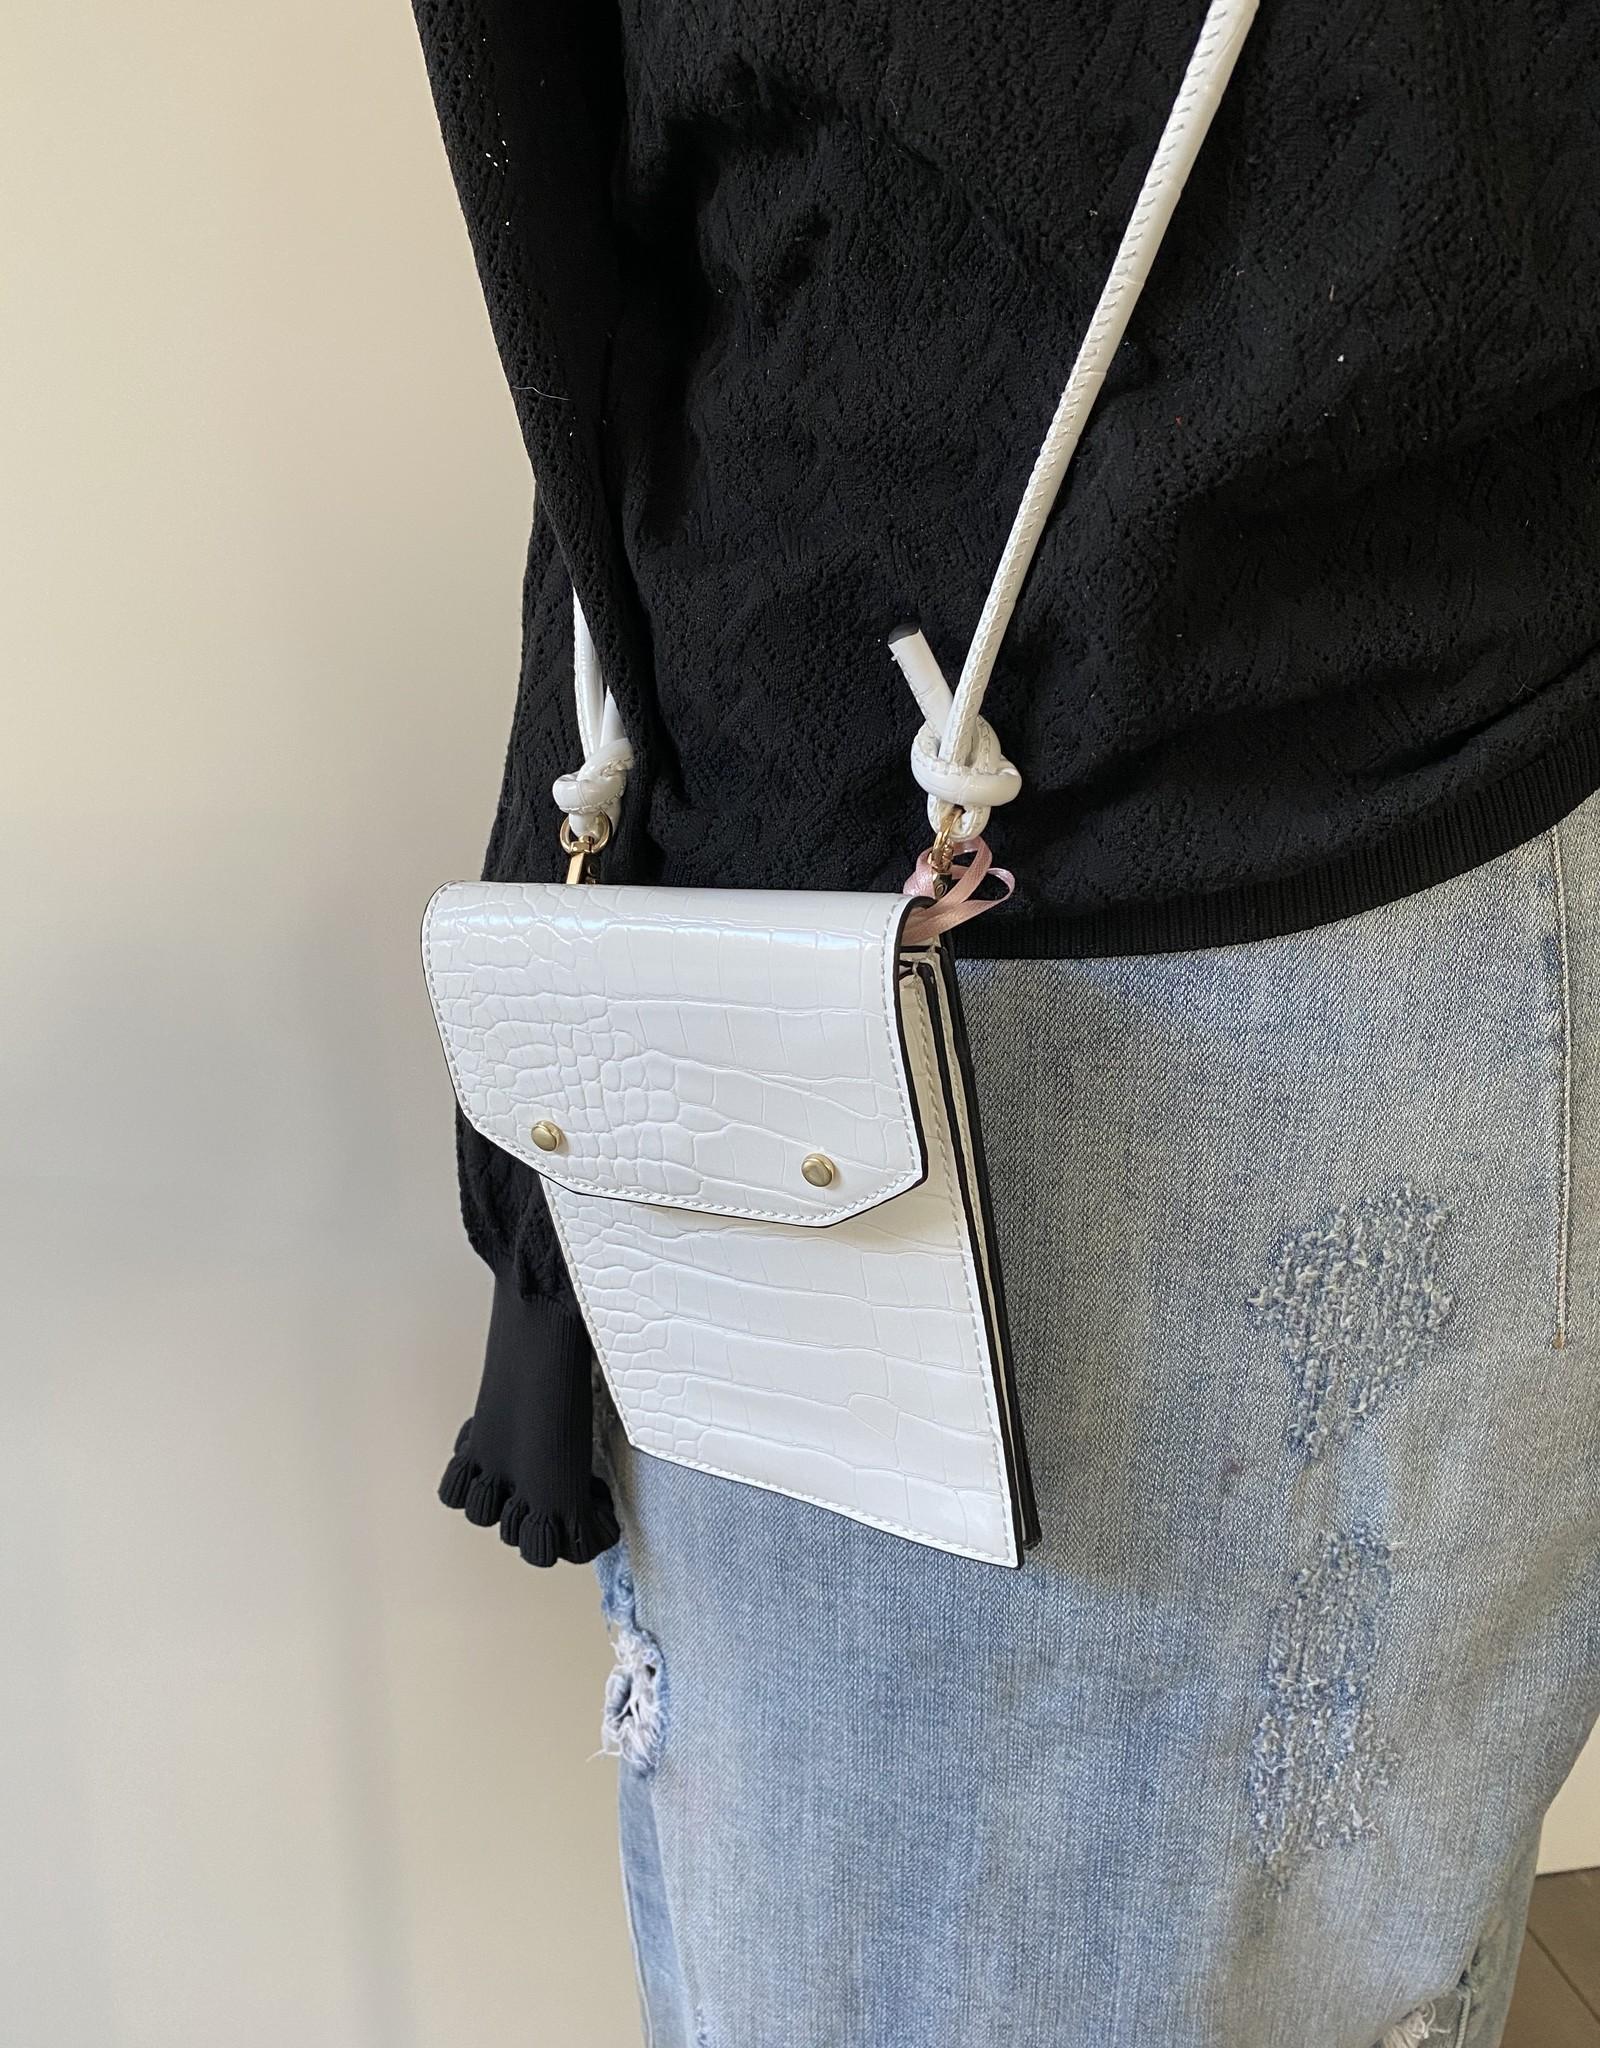 Little bag for mobile